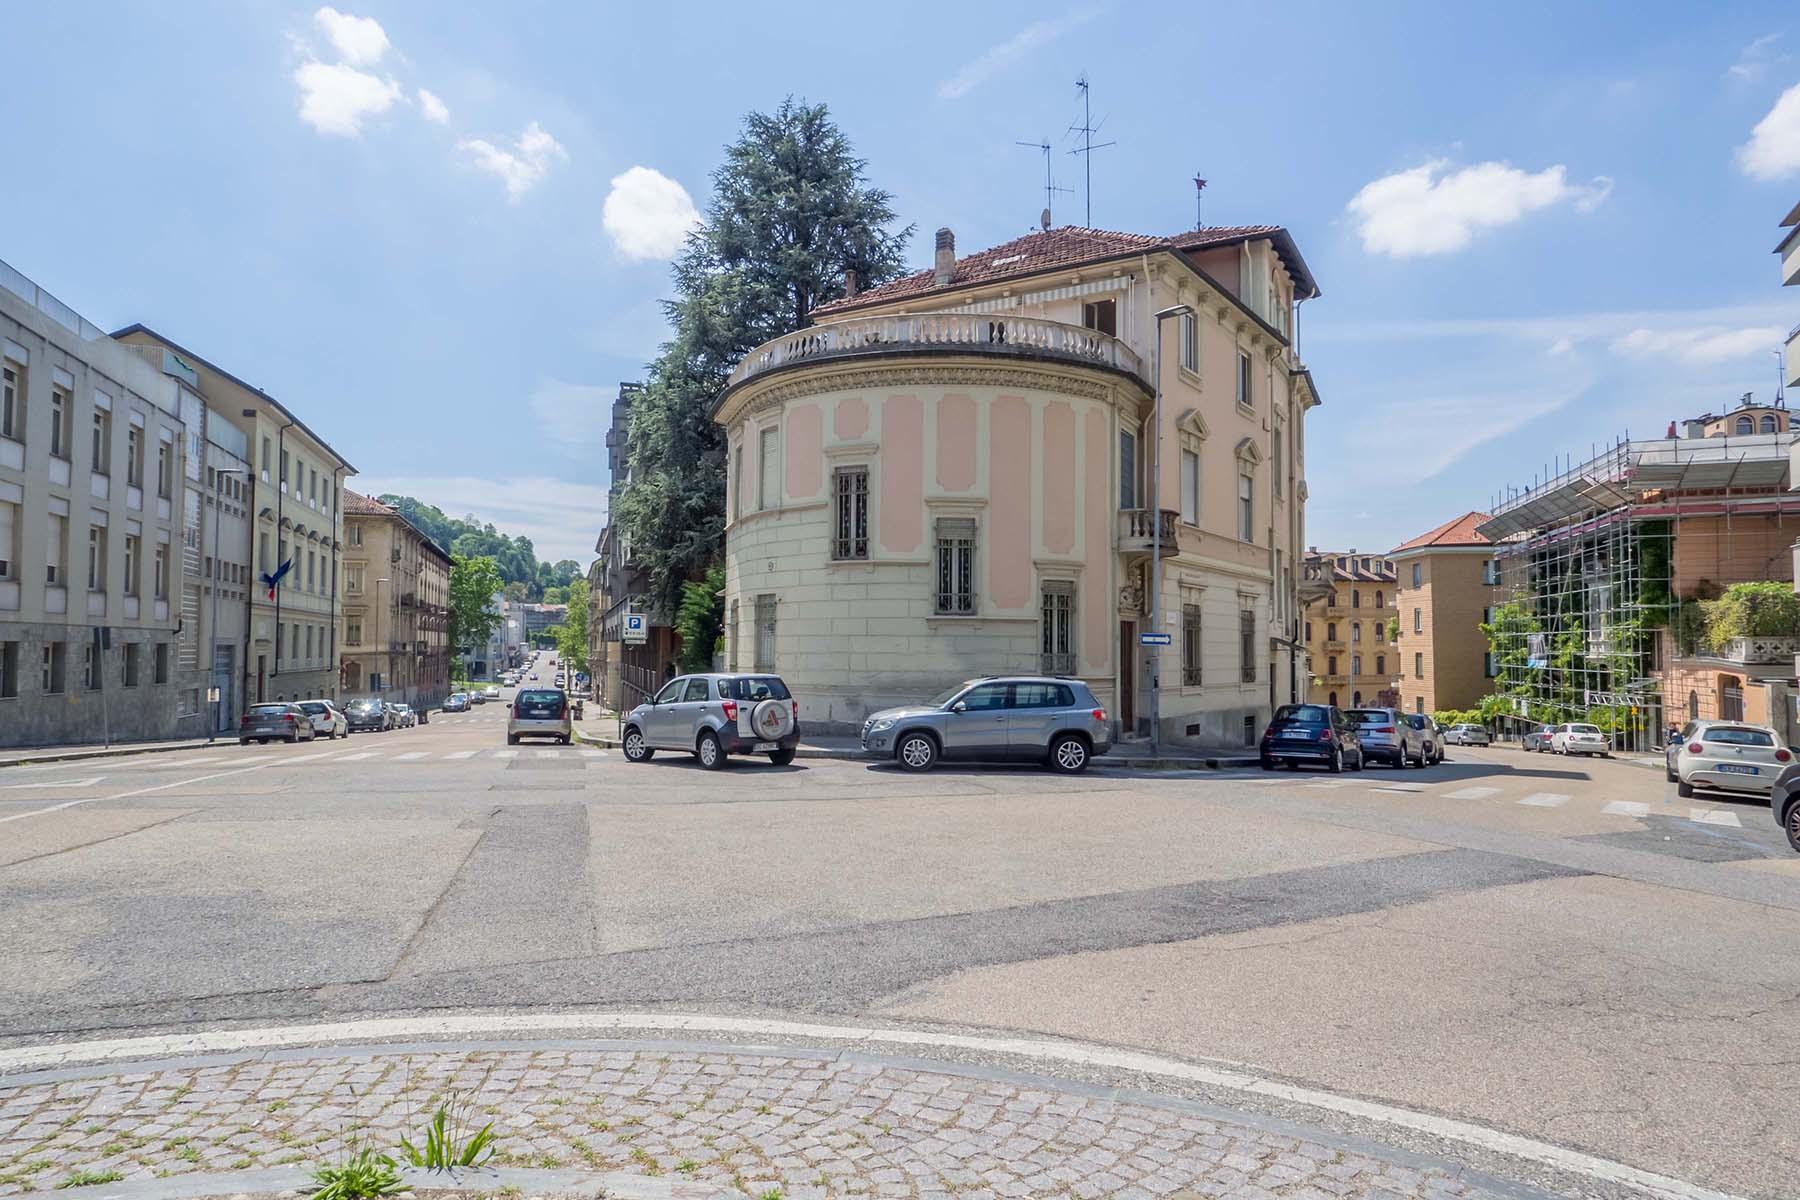 Attico in Vendita a Torino: 5 locali, 200 mq - Foto 17